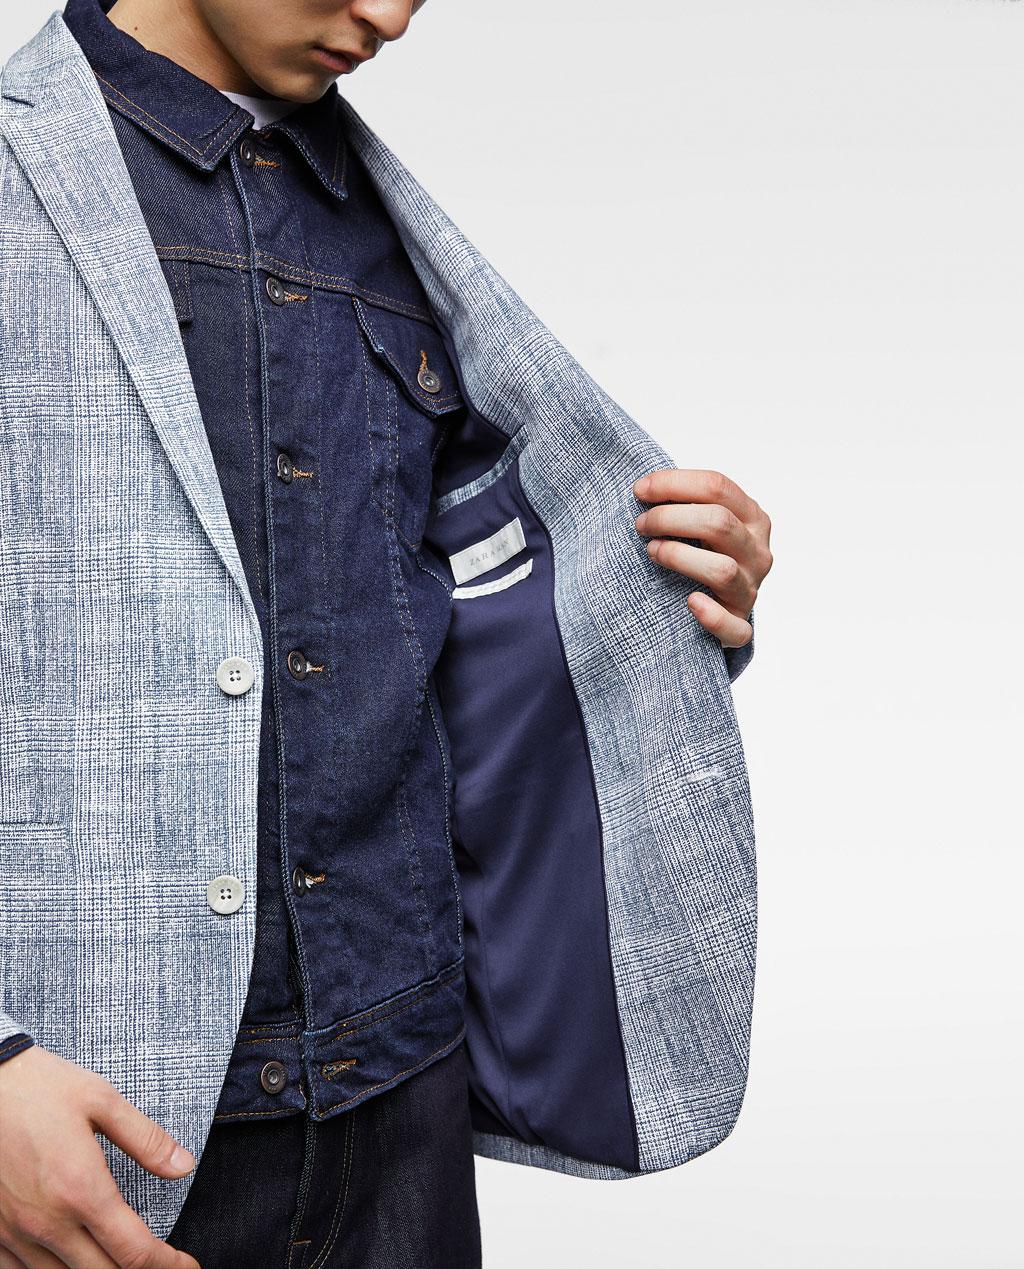 Thời trang nam Zara  24088 - ảnh 5